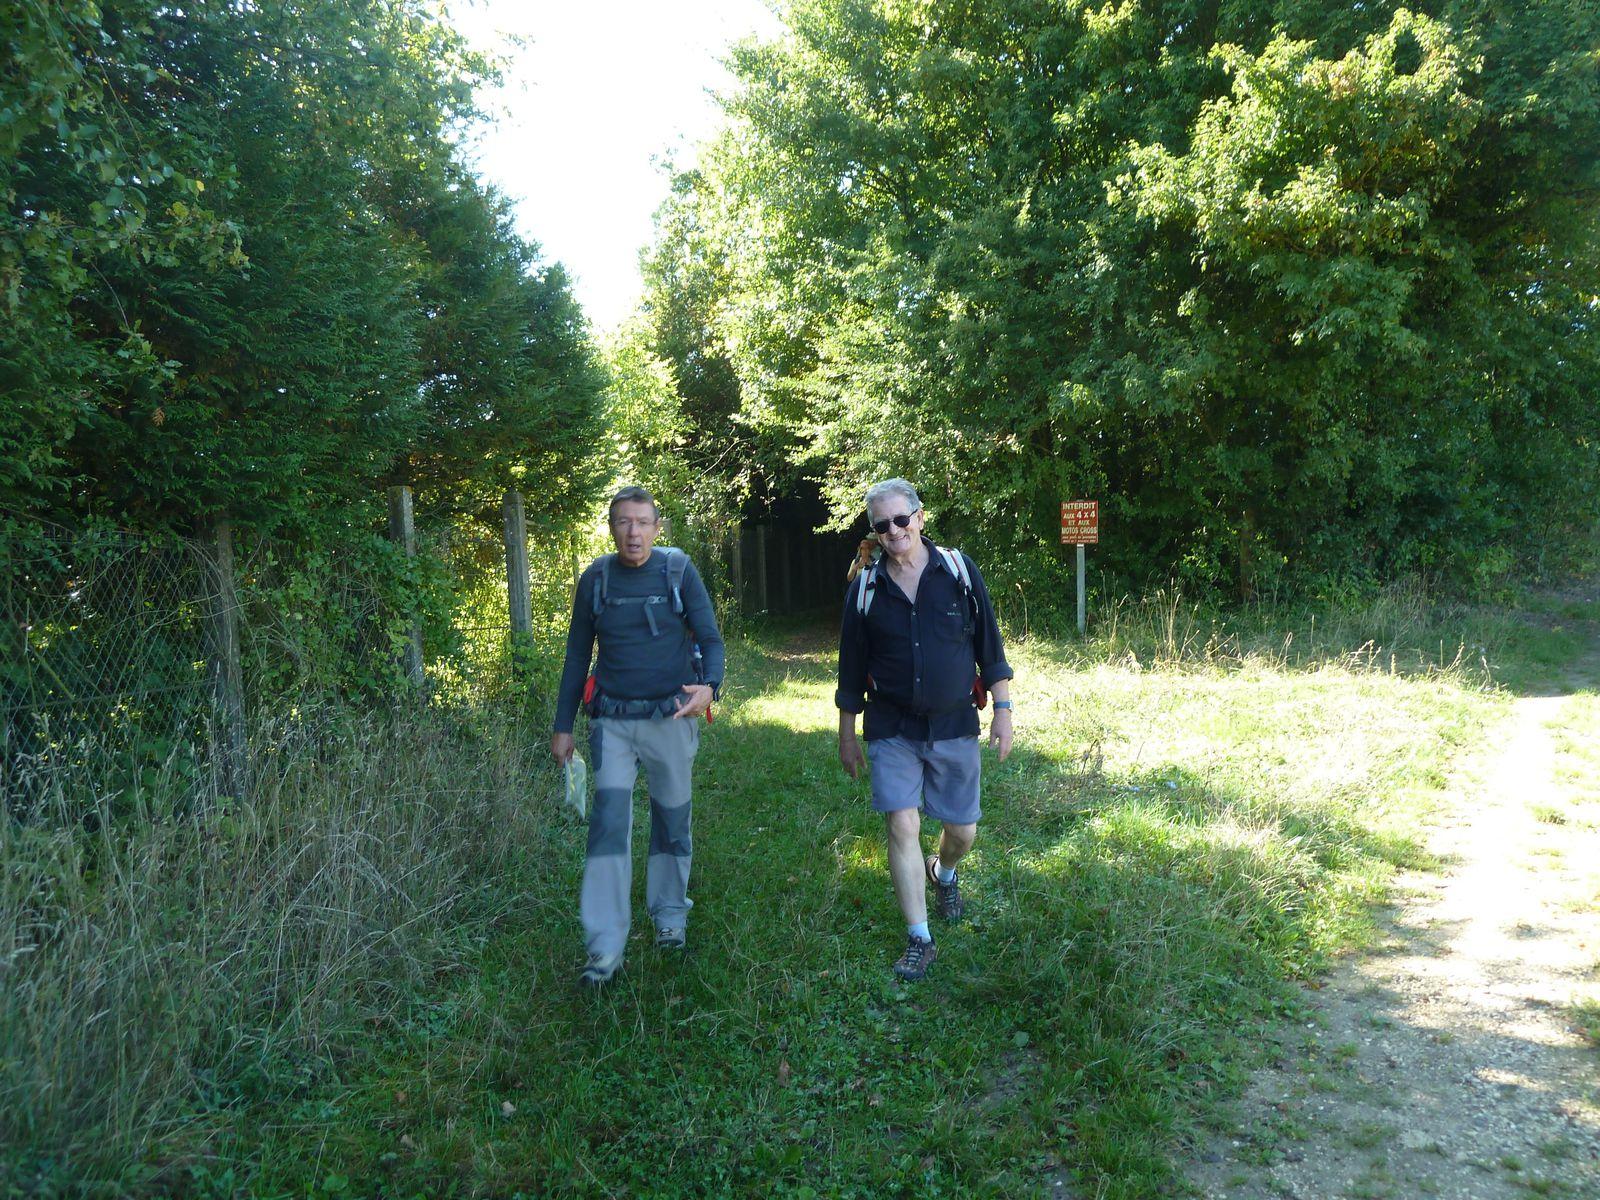 Gérard et Gilbert, notre guide sortant du bois appelé Moitiébard.